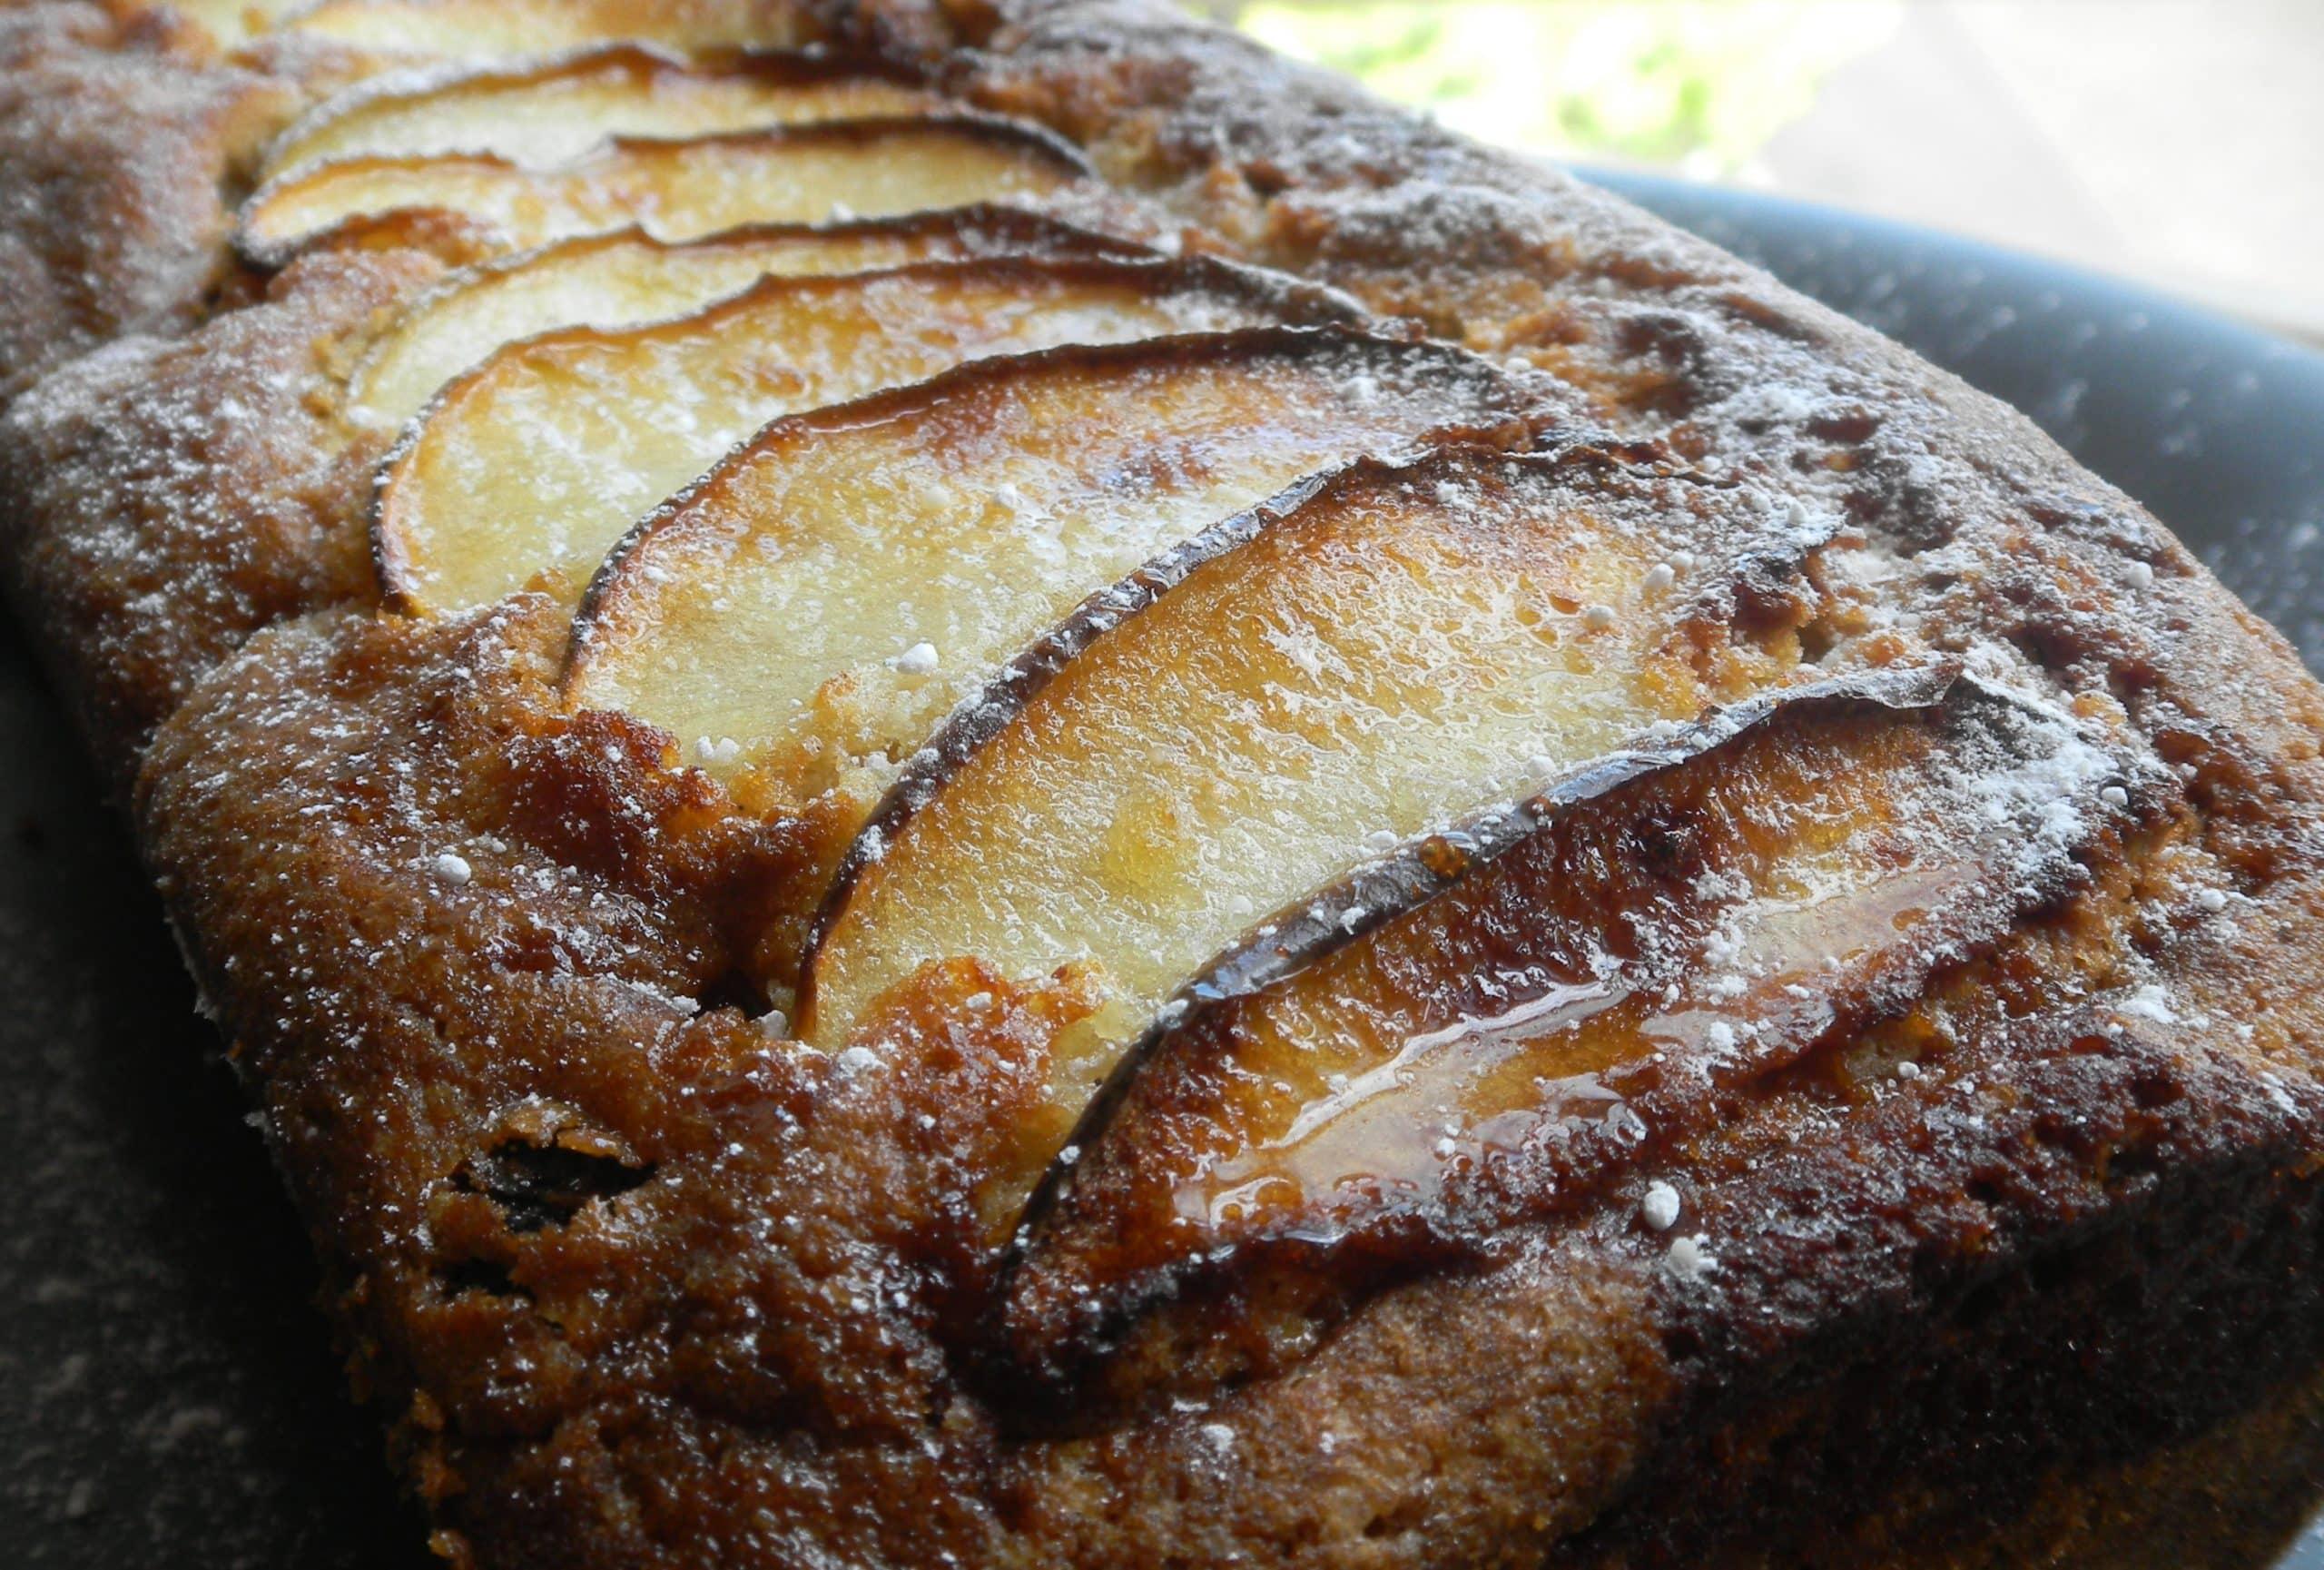 Sultana sponge cake